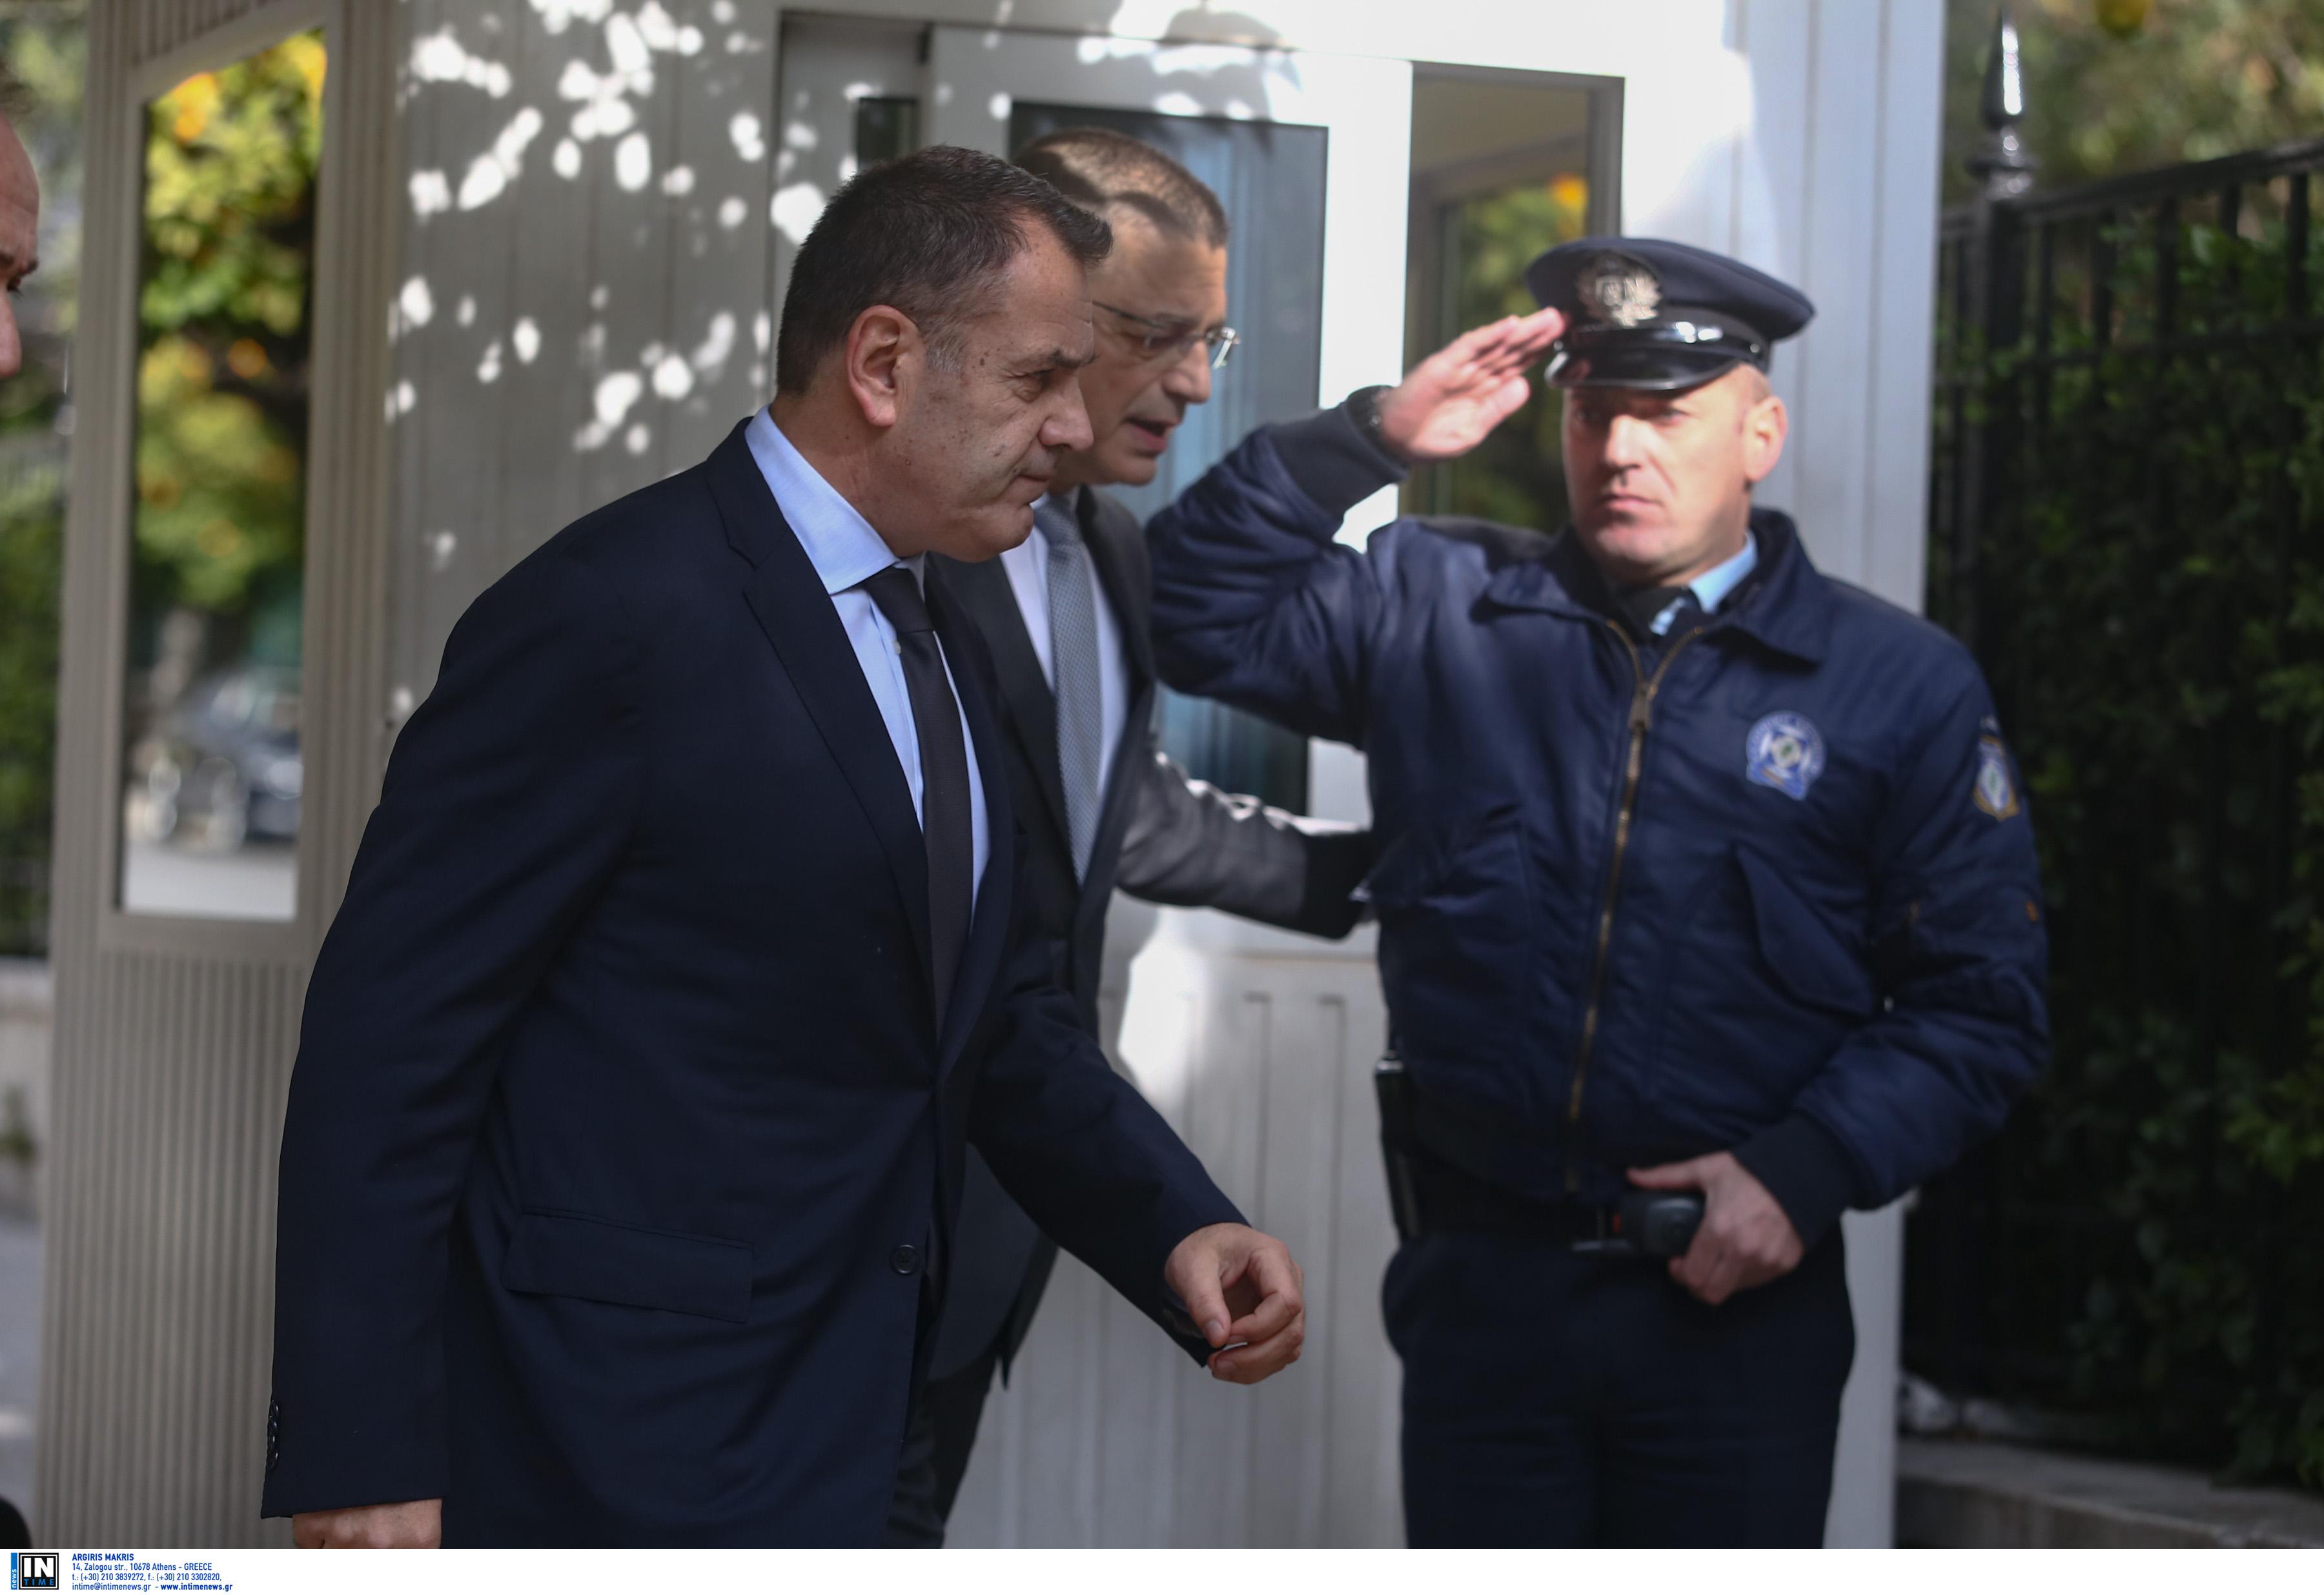 Παναγιωτόπουλος: Τηλεφωνική επικοινωνία με Ακάρ για ΝΑΤΟ και ΜΟΕ